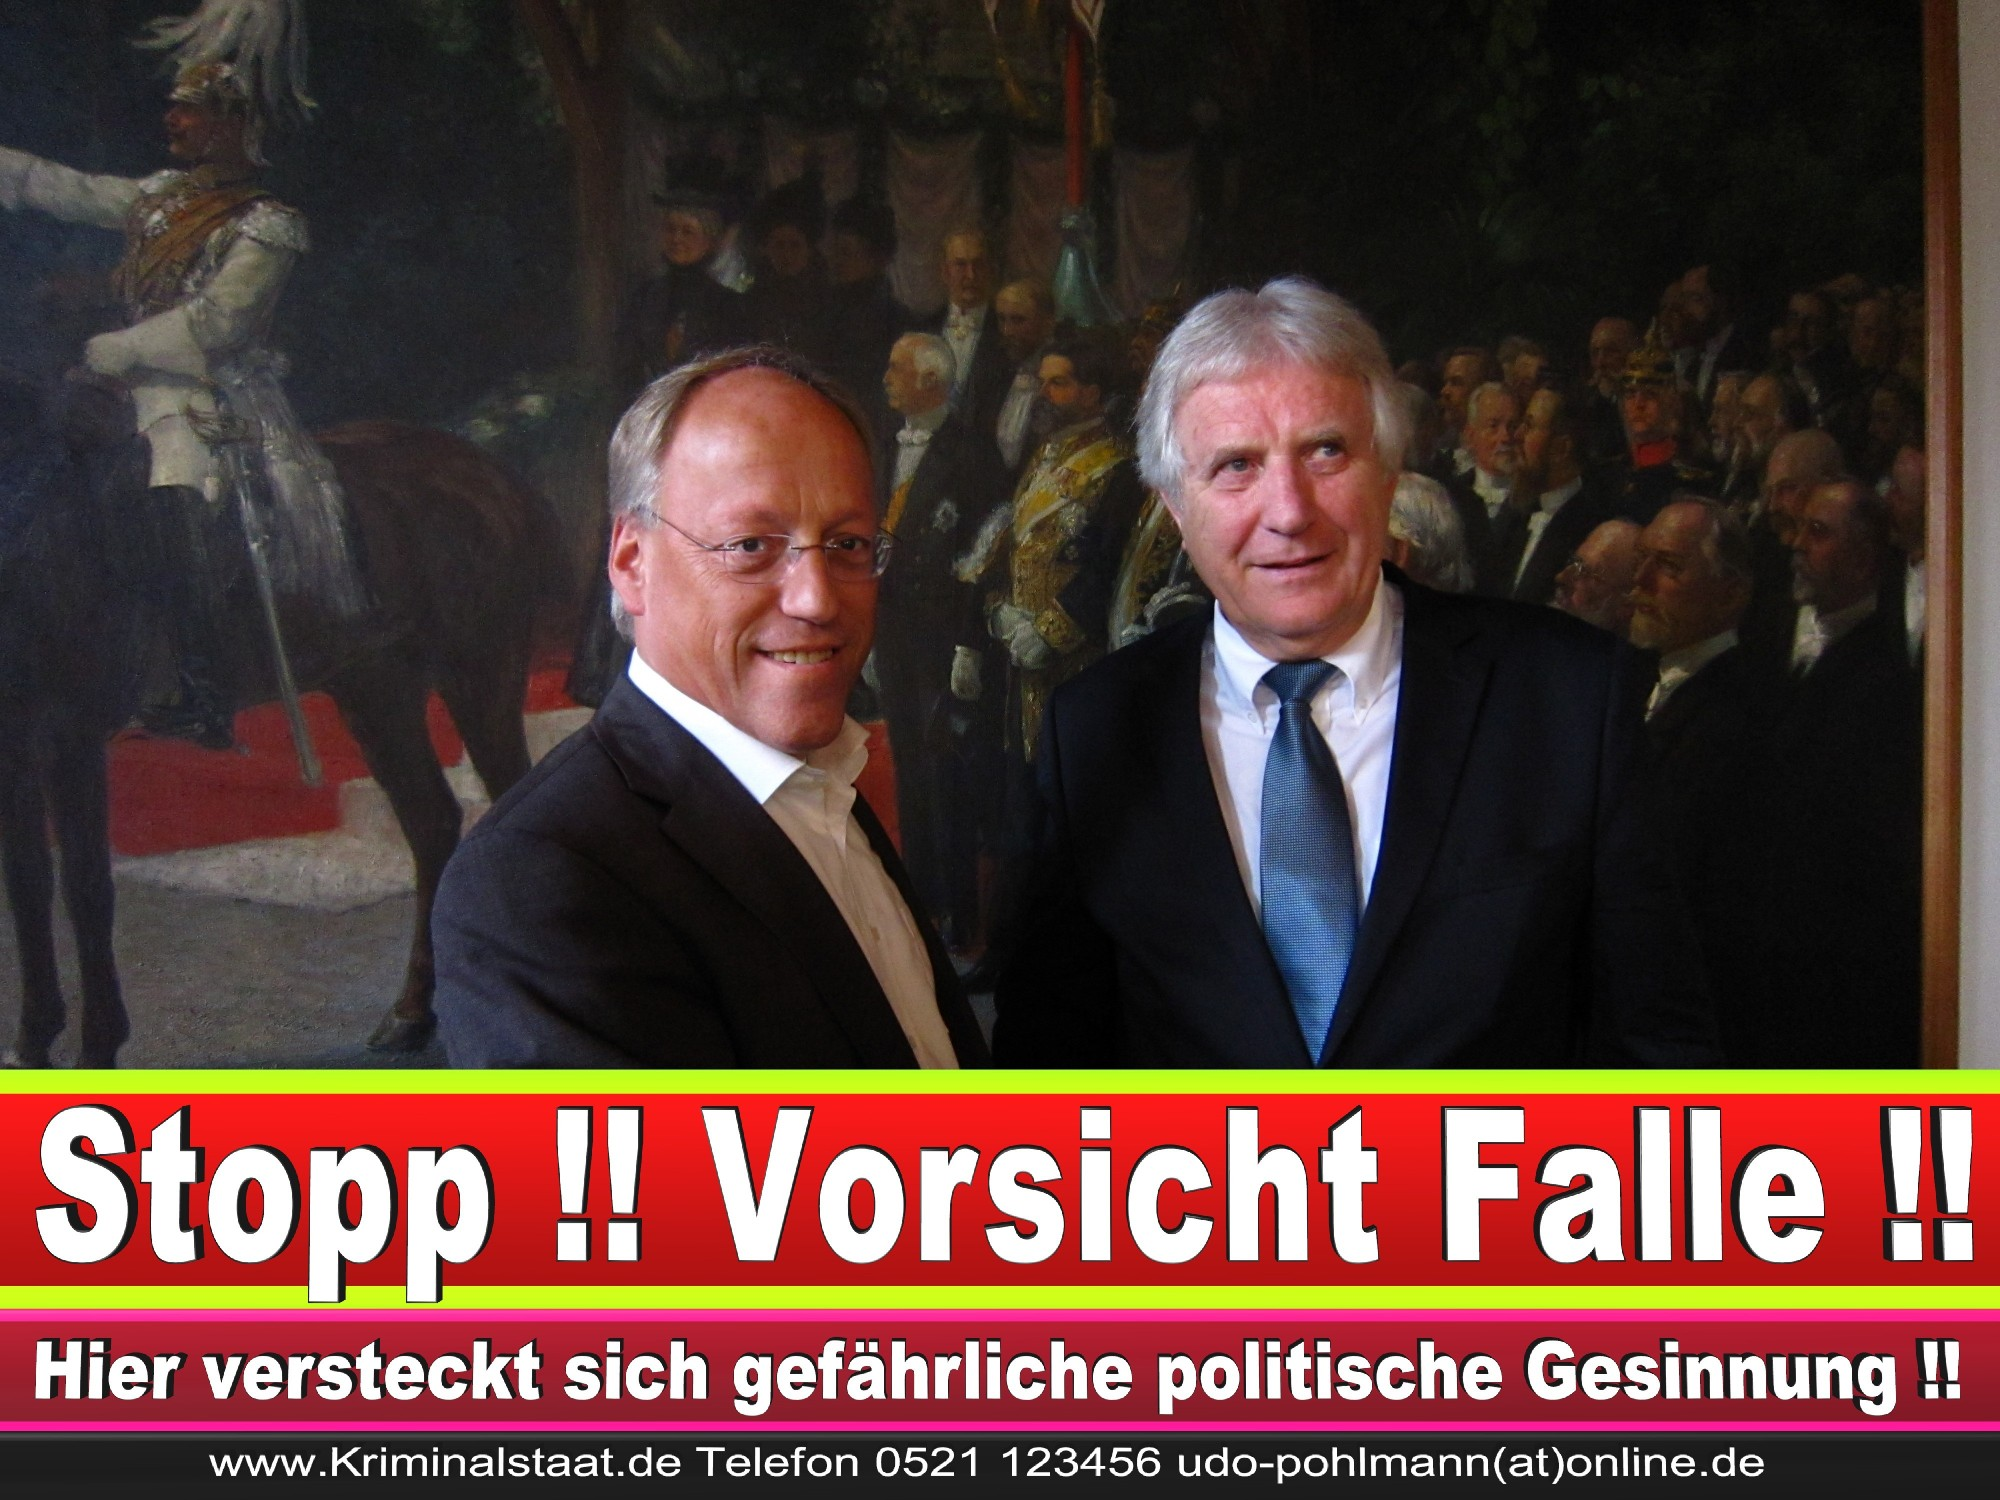 Polizeipräsident Erwin Südfeld Bielefeld Oberbürgermeister Bürgermeister Peter Clausen Pit Clausen Bielefeld (55)